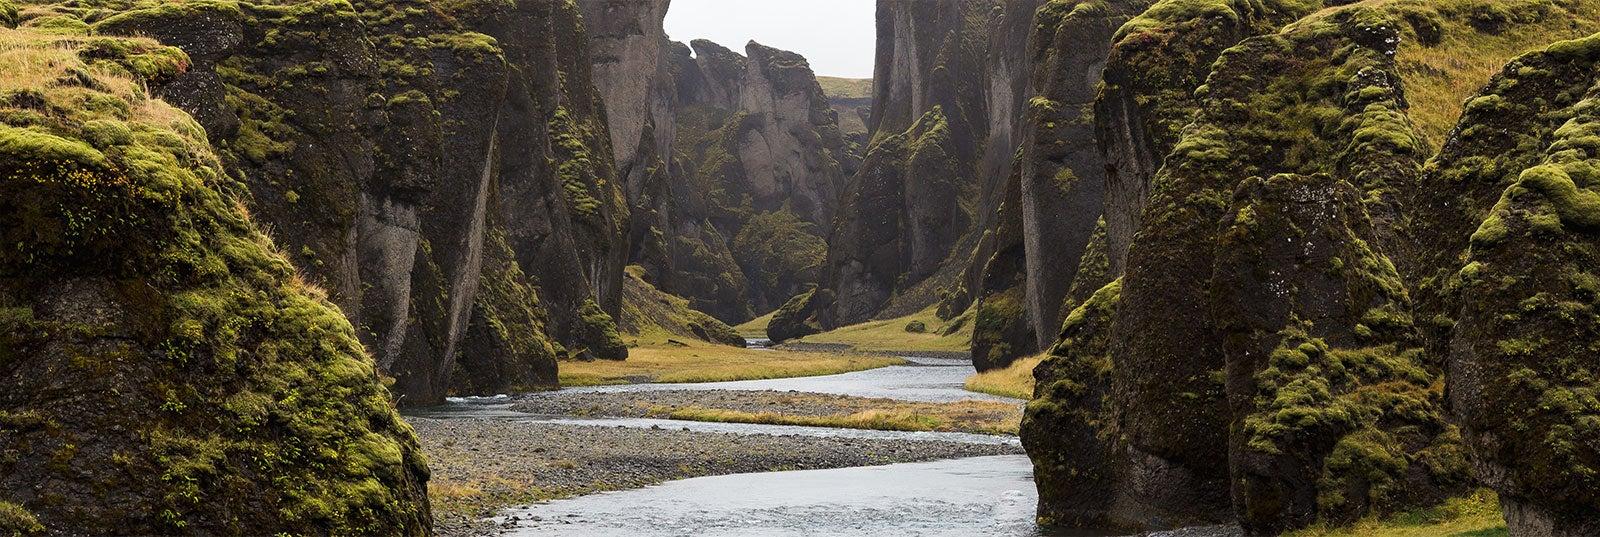 Guía turística de Islandia